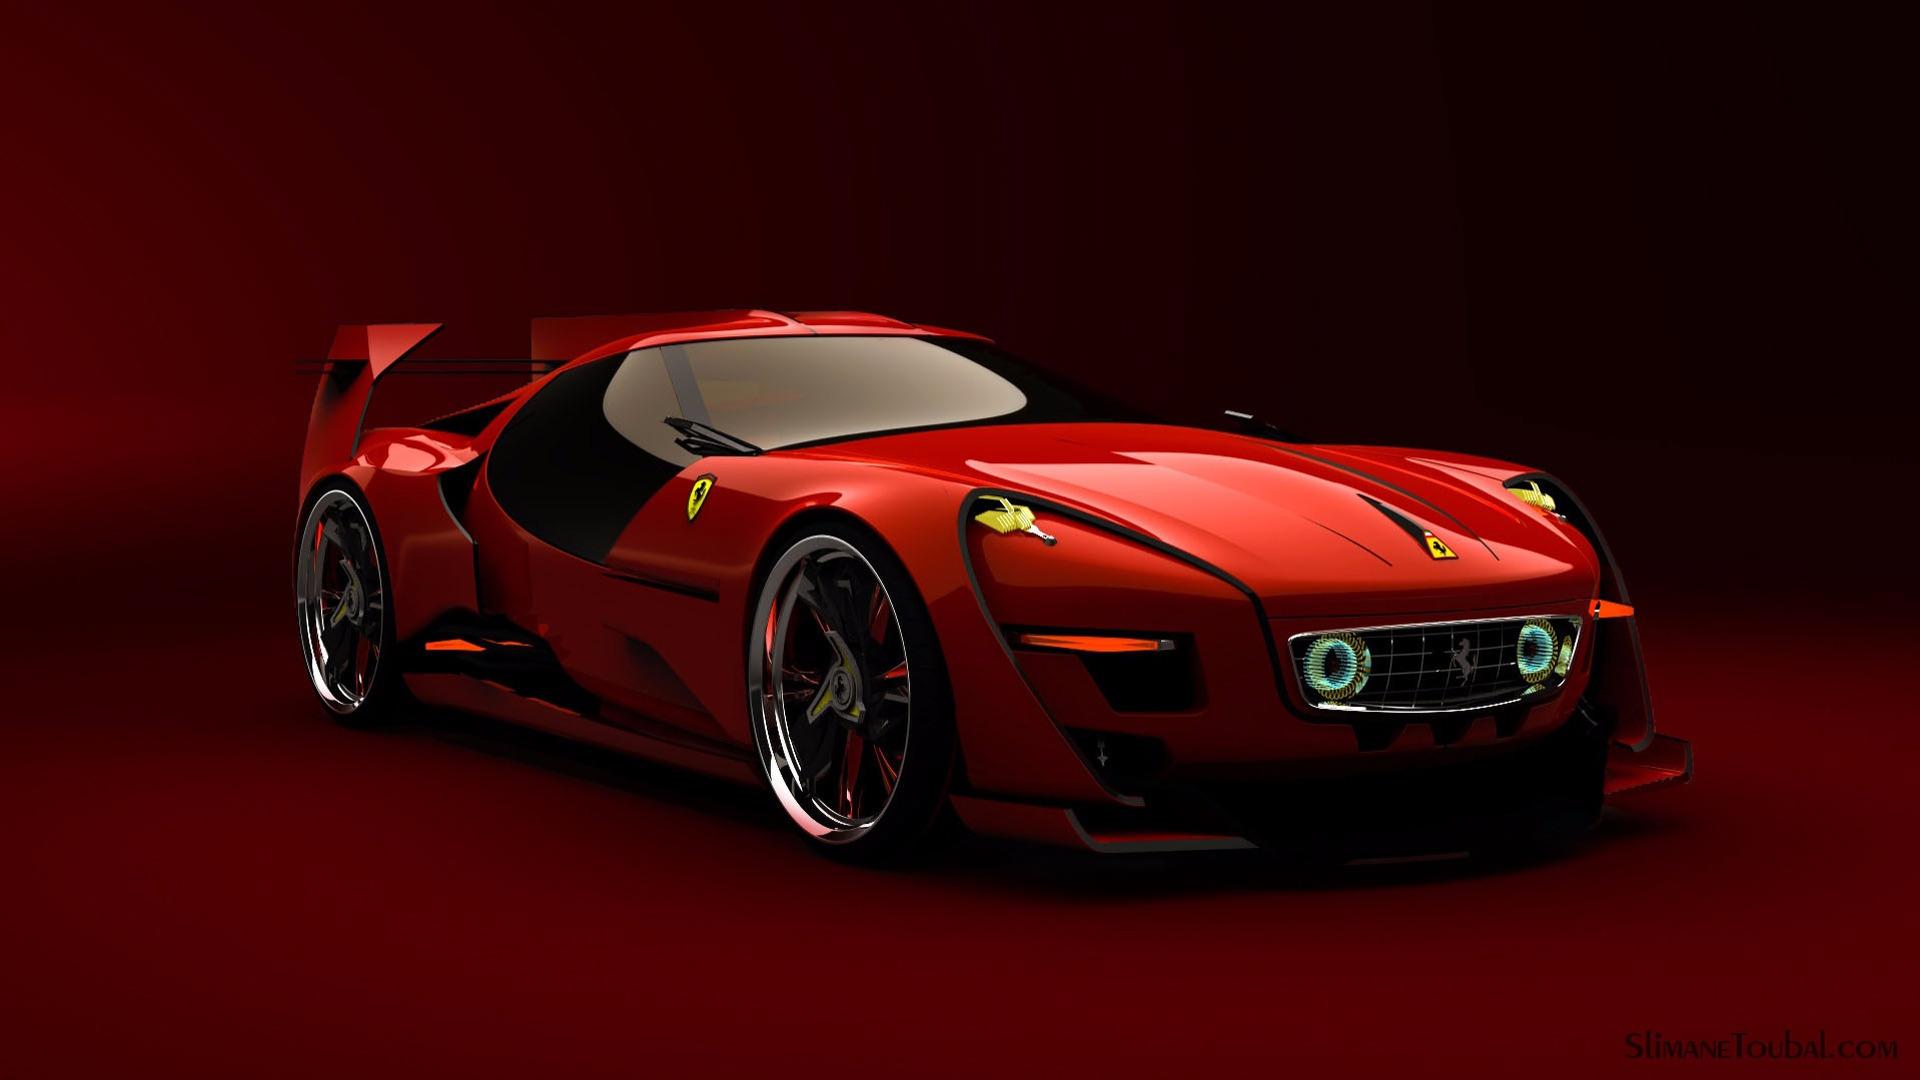 Race Car Wallpaper Images Ferrari 250 Tres Concept Con Dise 241 O Retro Que Lo